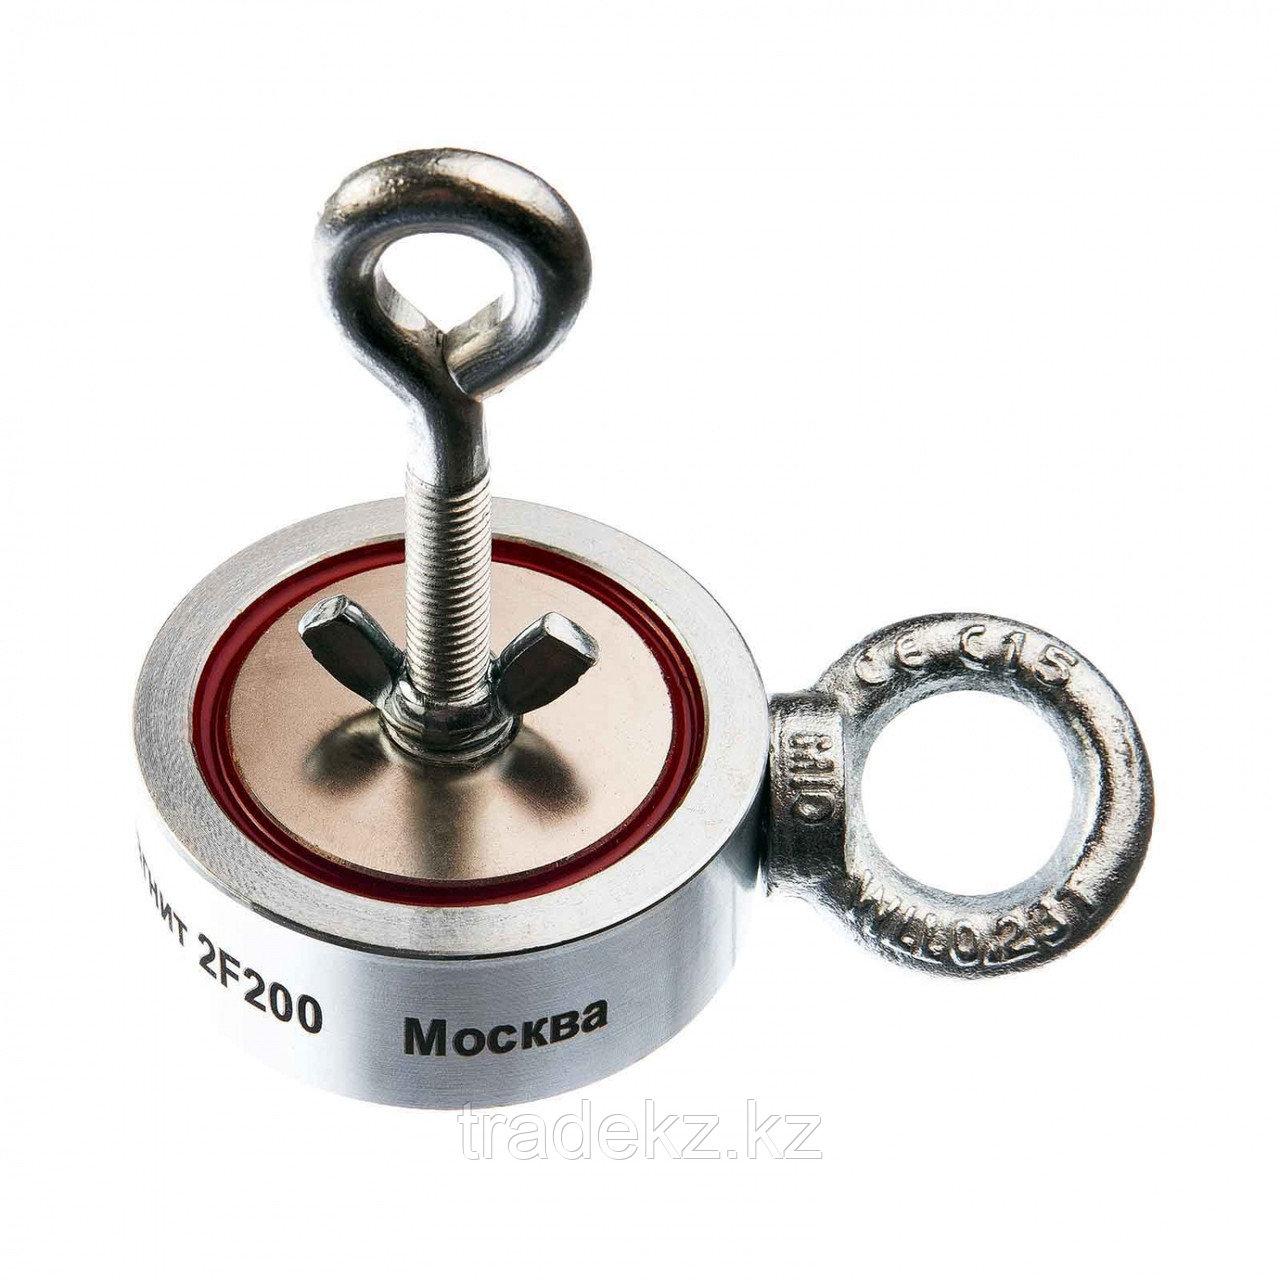 Поисковый магнит двухсторонний Непра 2F200, усилие отрыва 200 кг